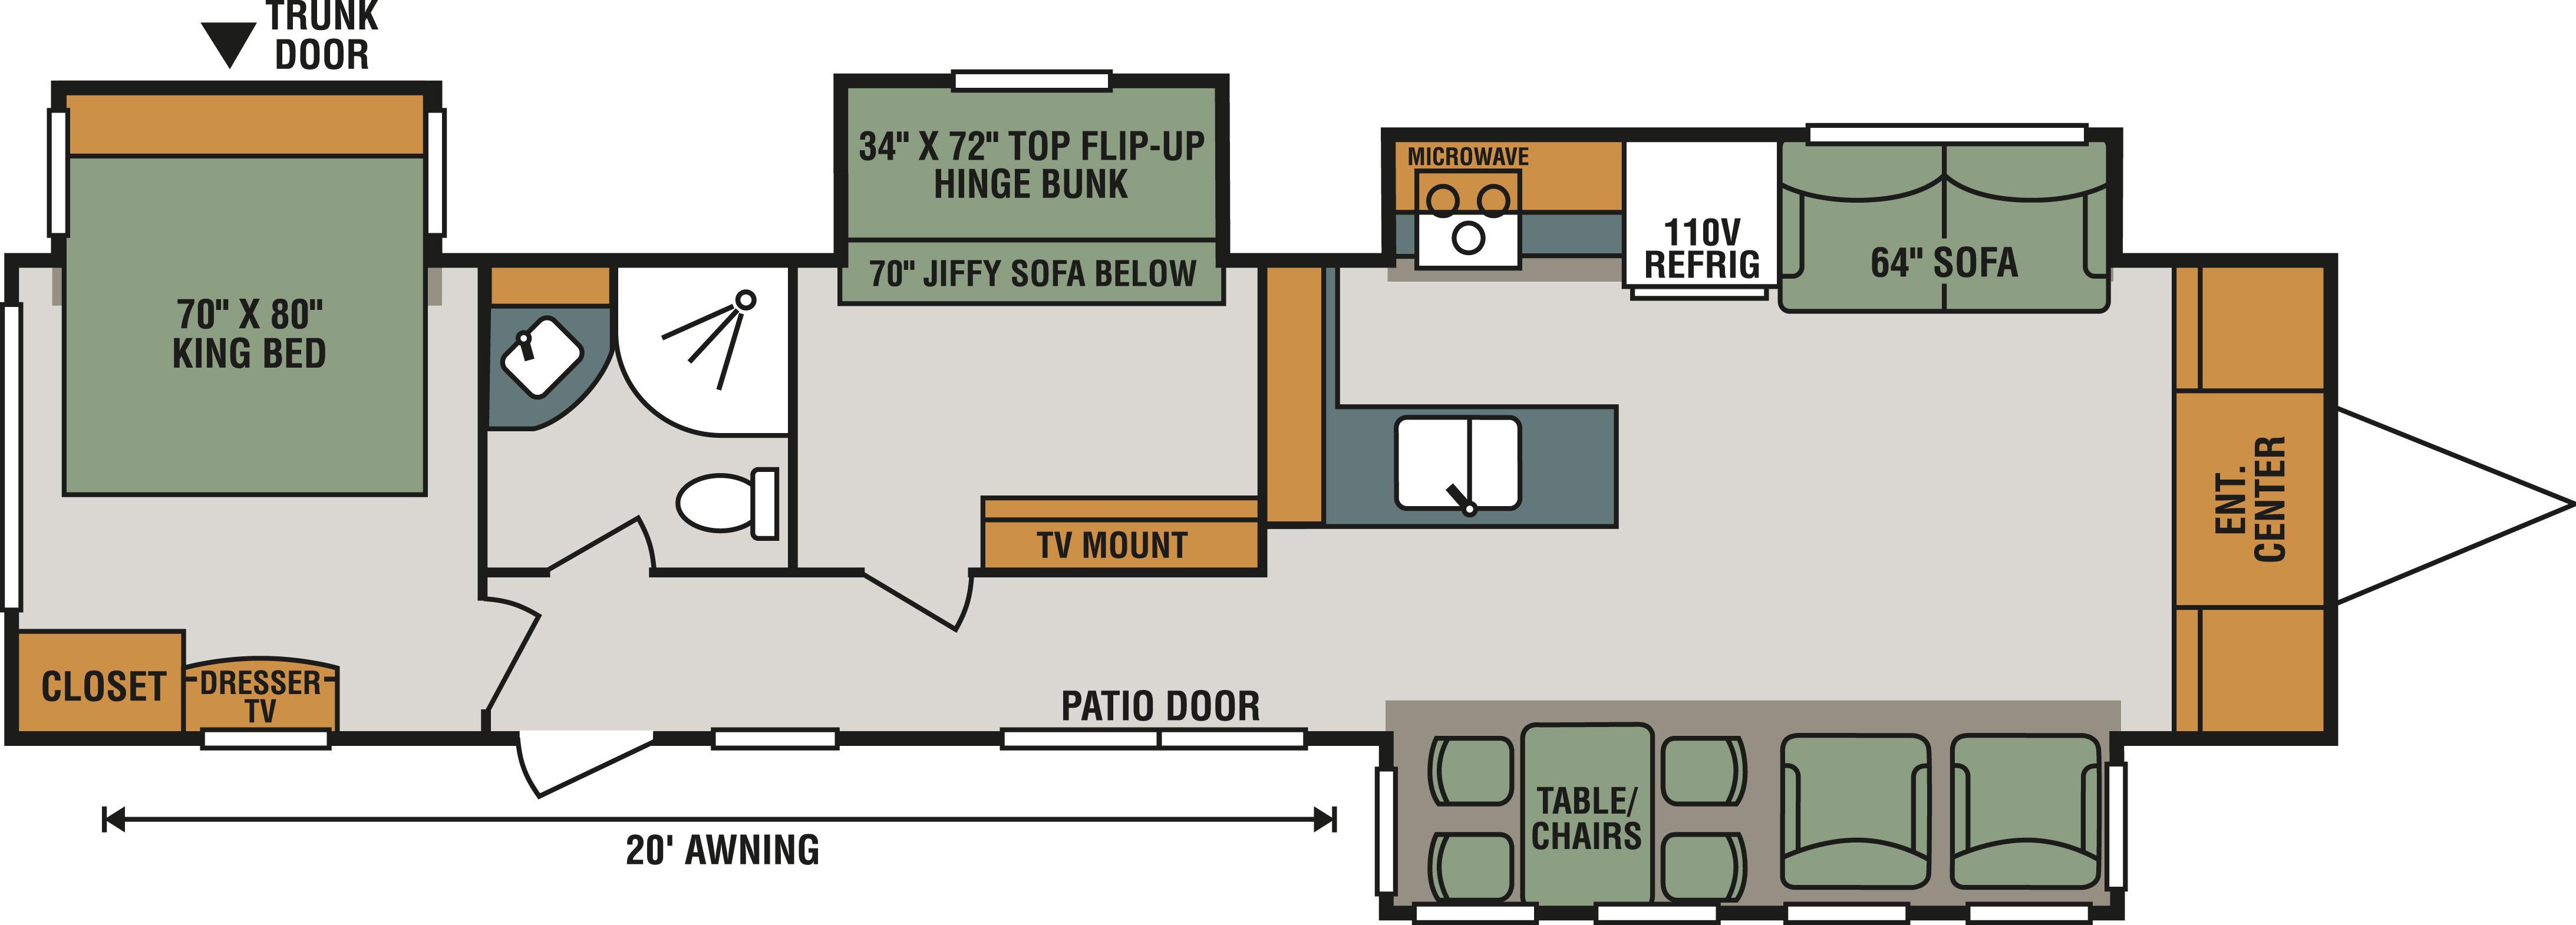 Kz Rv Wiring Diagram : Kz sportsman travel trailer wiring diagram